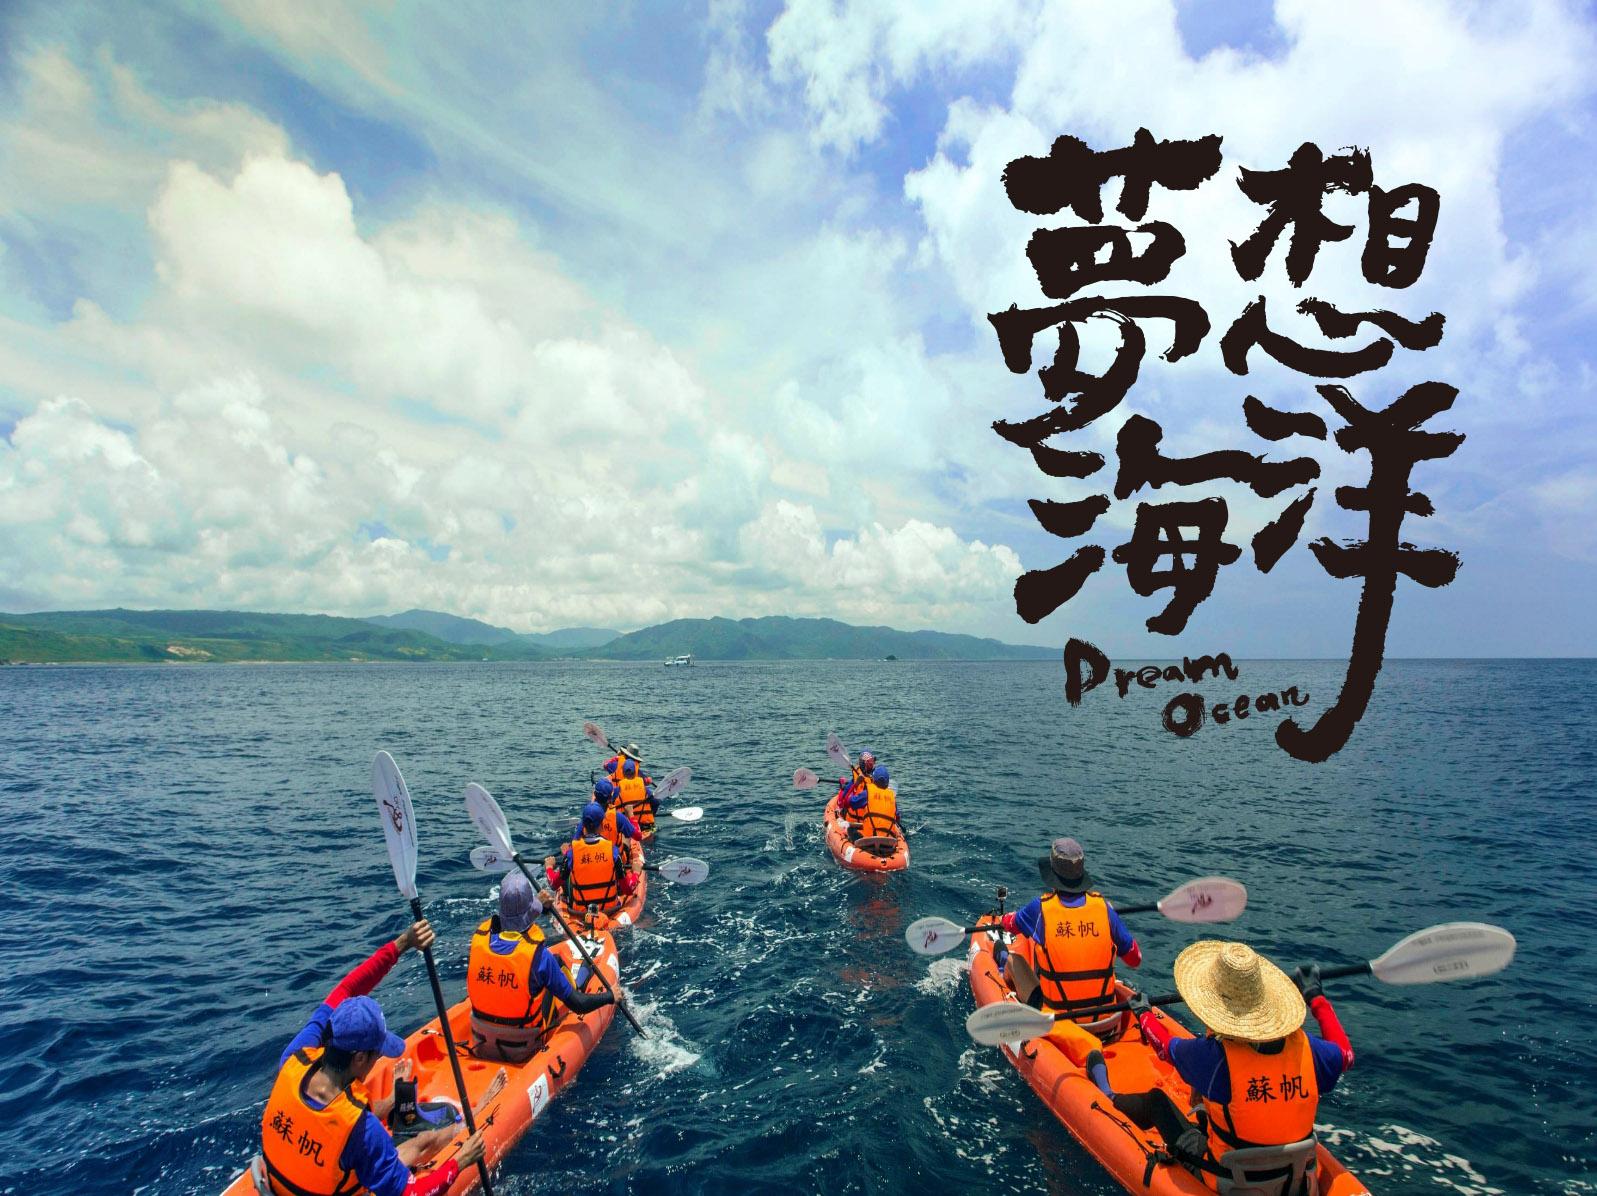 夢想海洋 Dream ocean /